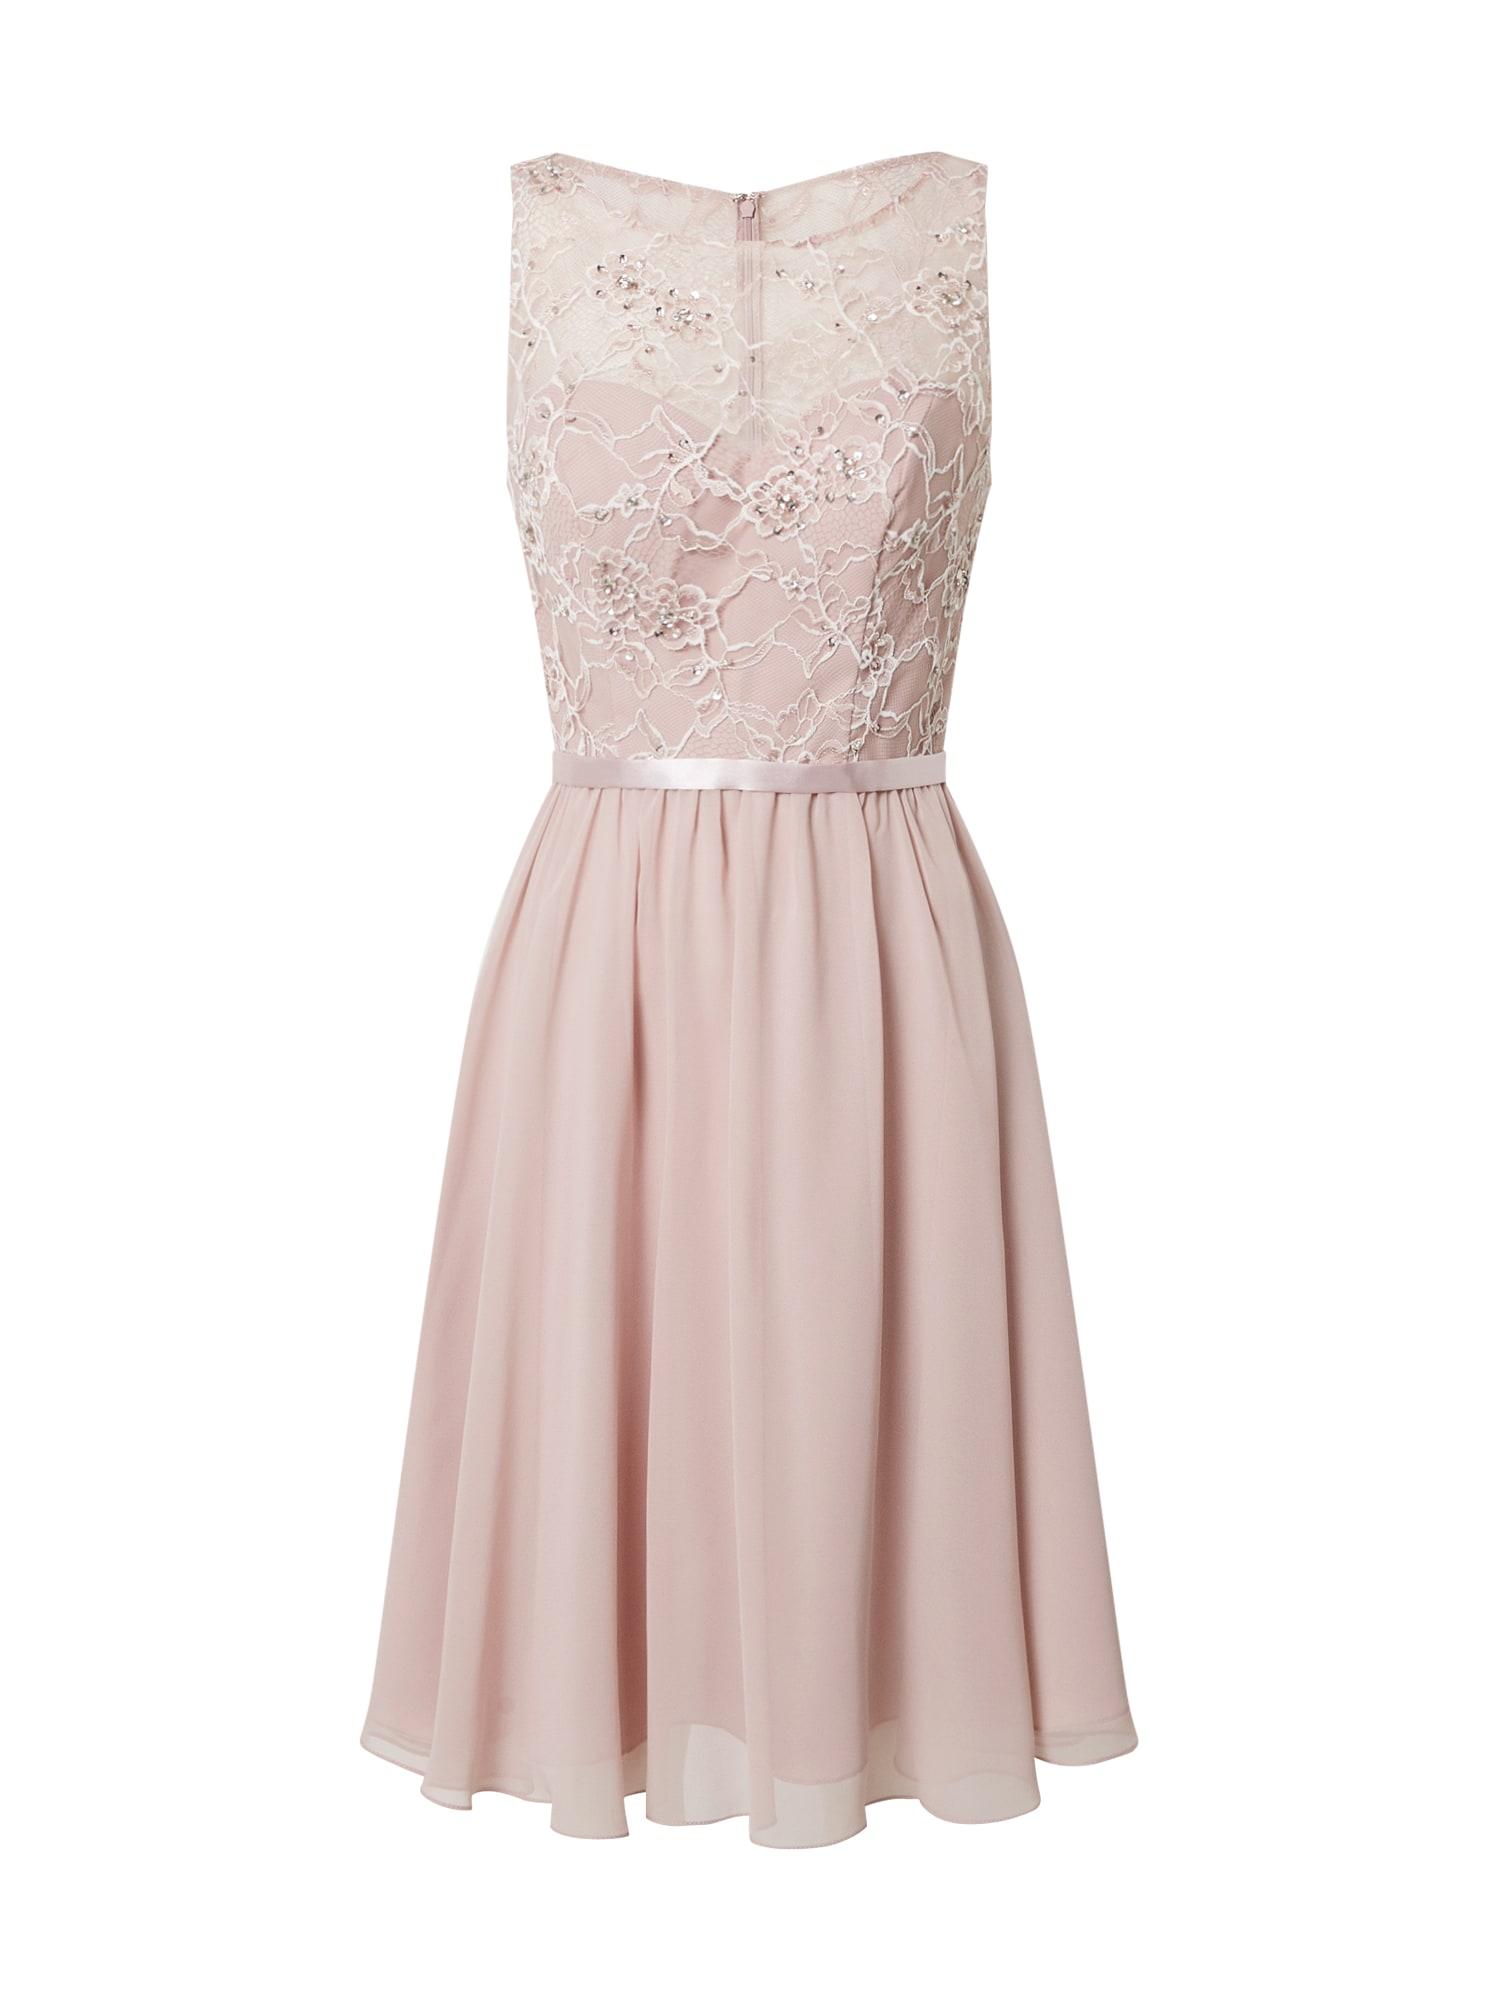 MAGIC NIGHTS Kokteilinė suknelė rausvai violetinė spalva